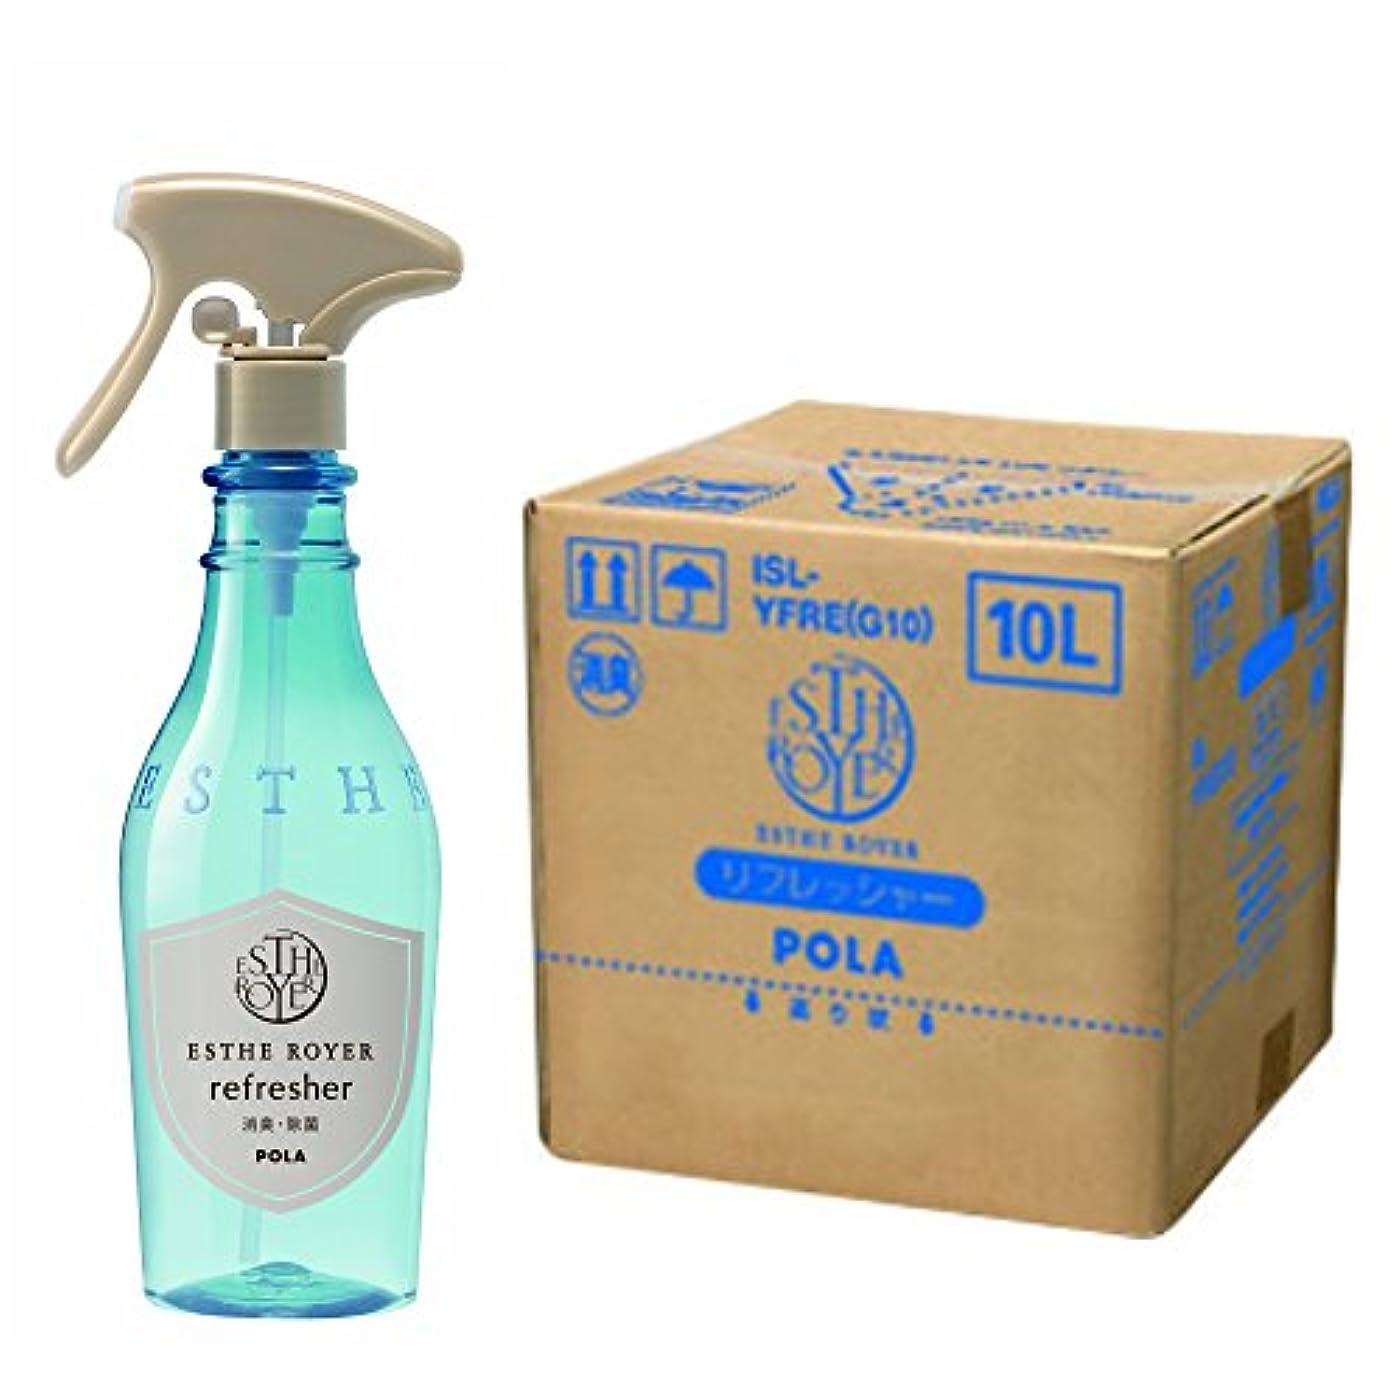 承認無視価値のないPOLA ポーラ エステロワイエ リフレッシャー<衣類?布製品用消臭剤> 業務用 10L×1箱 専用詰め替え容器 400ml 2本付。クローゼット用ハンガー付き。